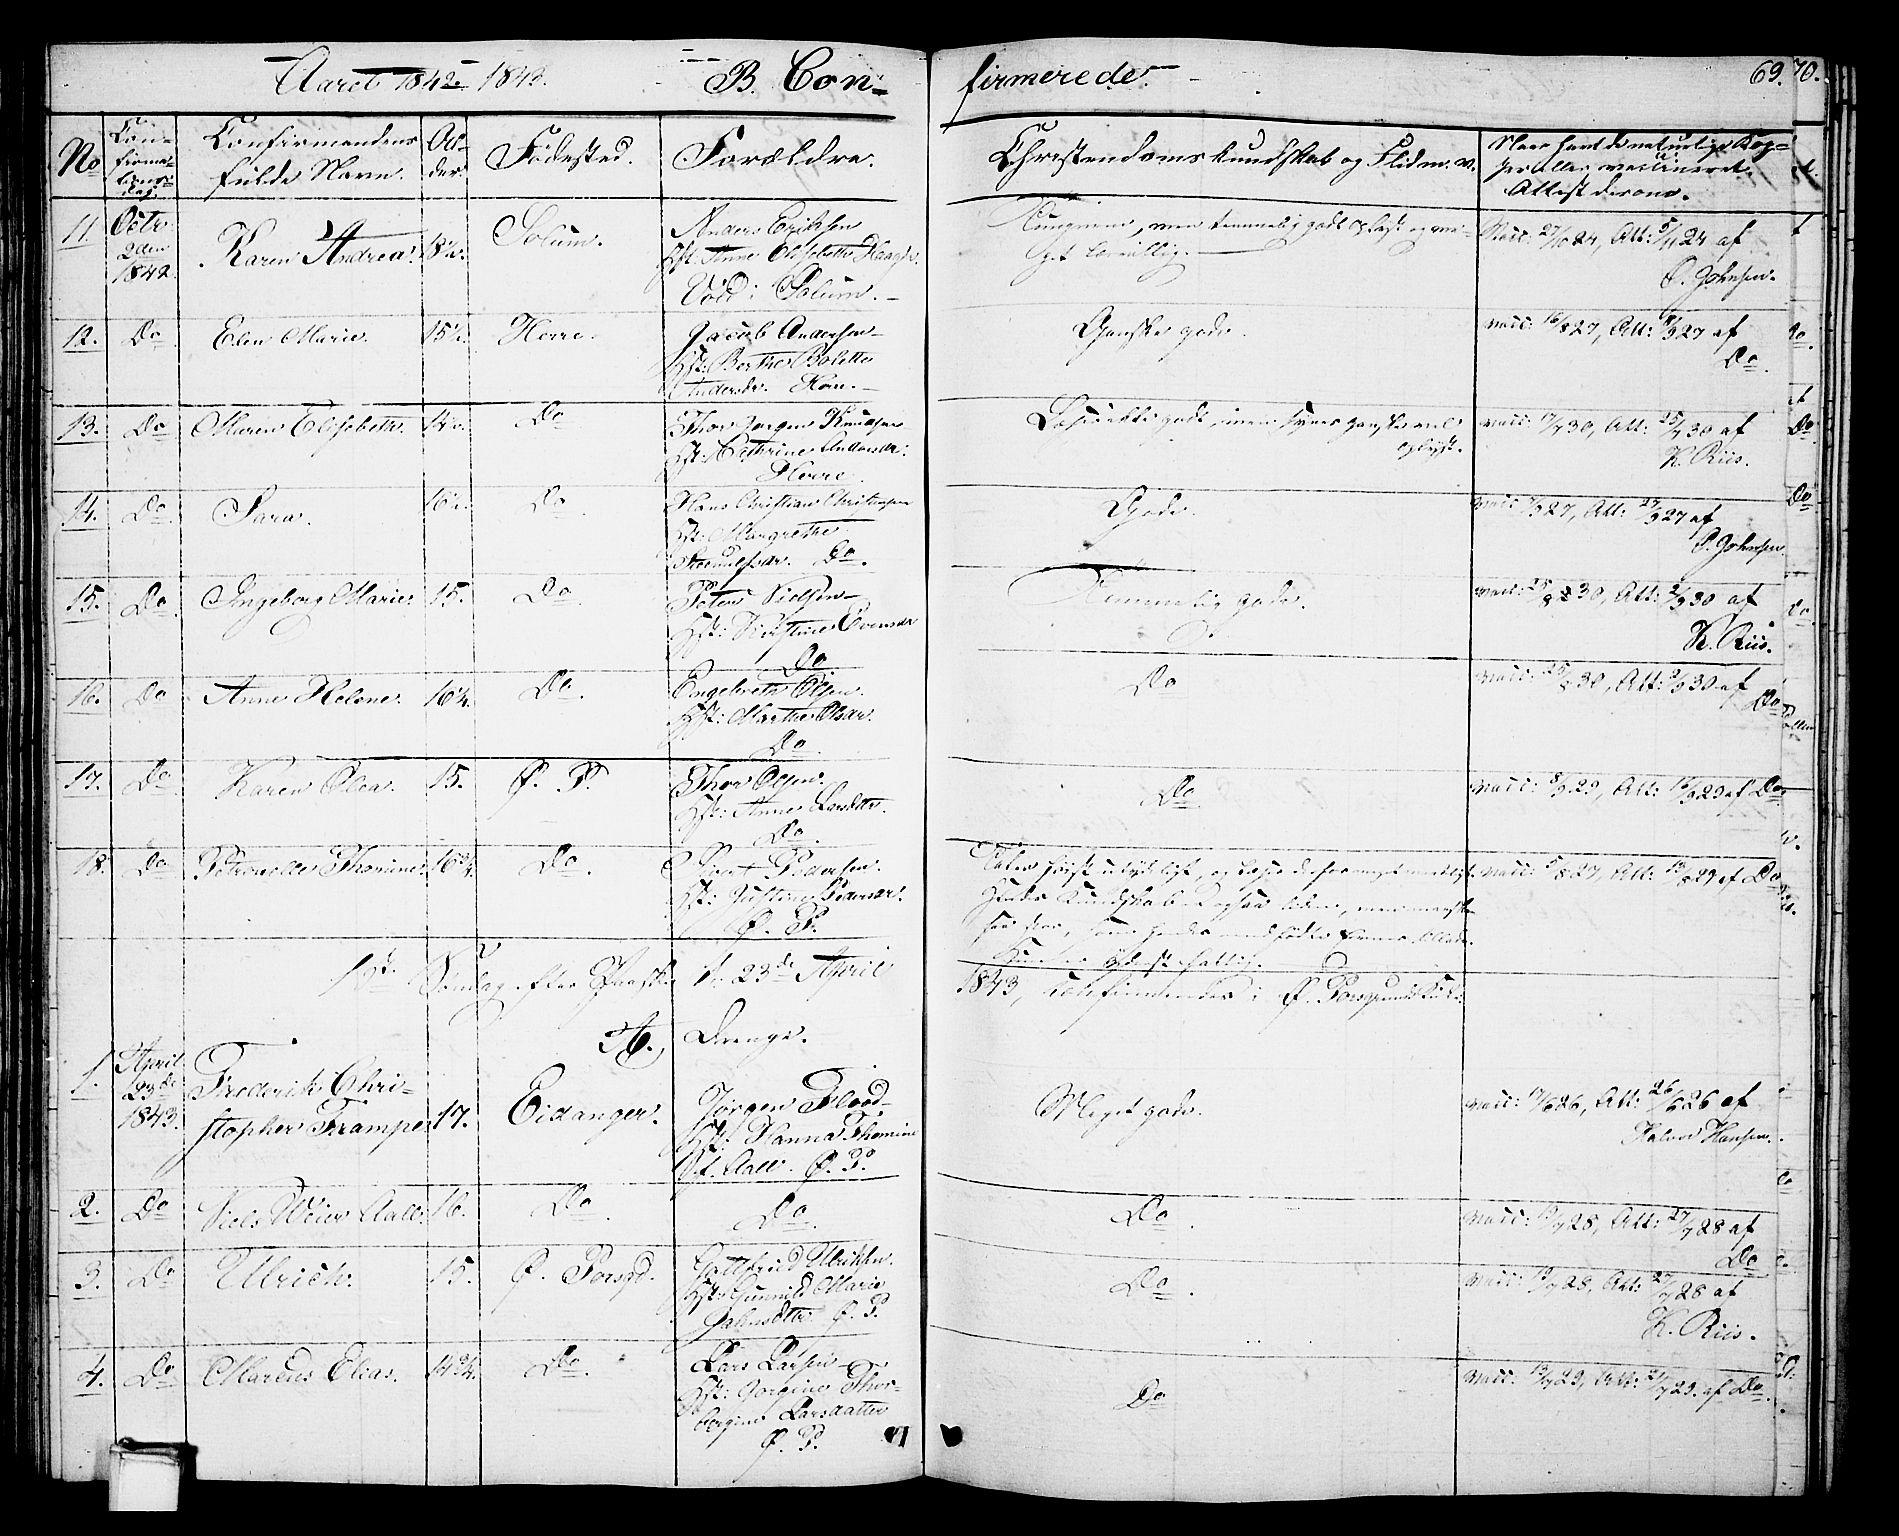 SAKO, Porsgrunn kirkebøker , G/Gb/L0003: Klokkerbok nr. II 3, 1841-1852, s. 69